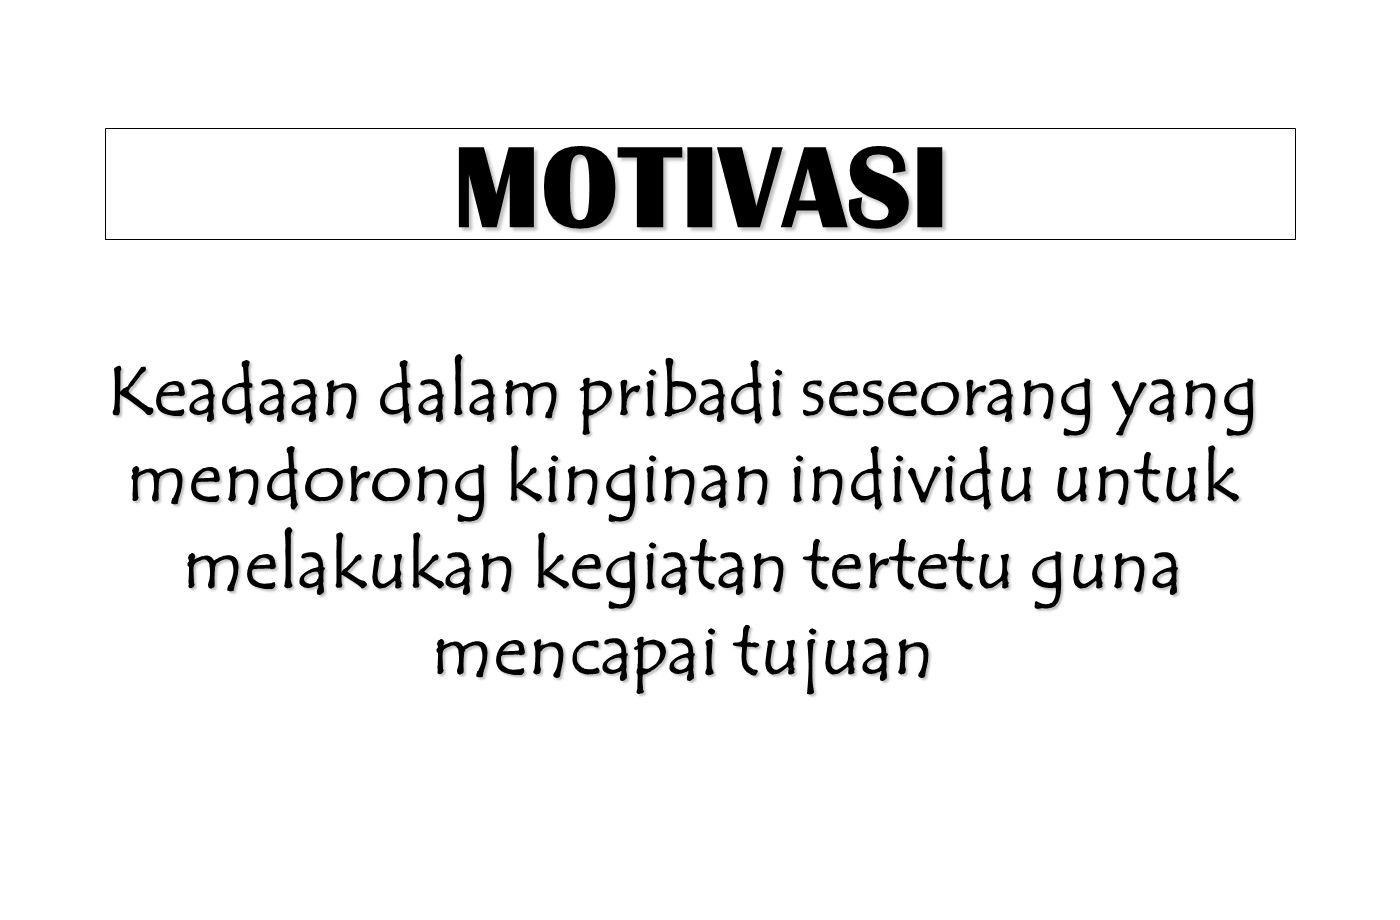 MOTIVASI Keadaan dalam pribadi seseorang yang mendorong kinginan individu untuk melakukan kegiatan tertetu guna mencapai tujuan.